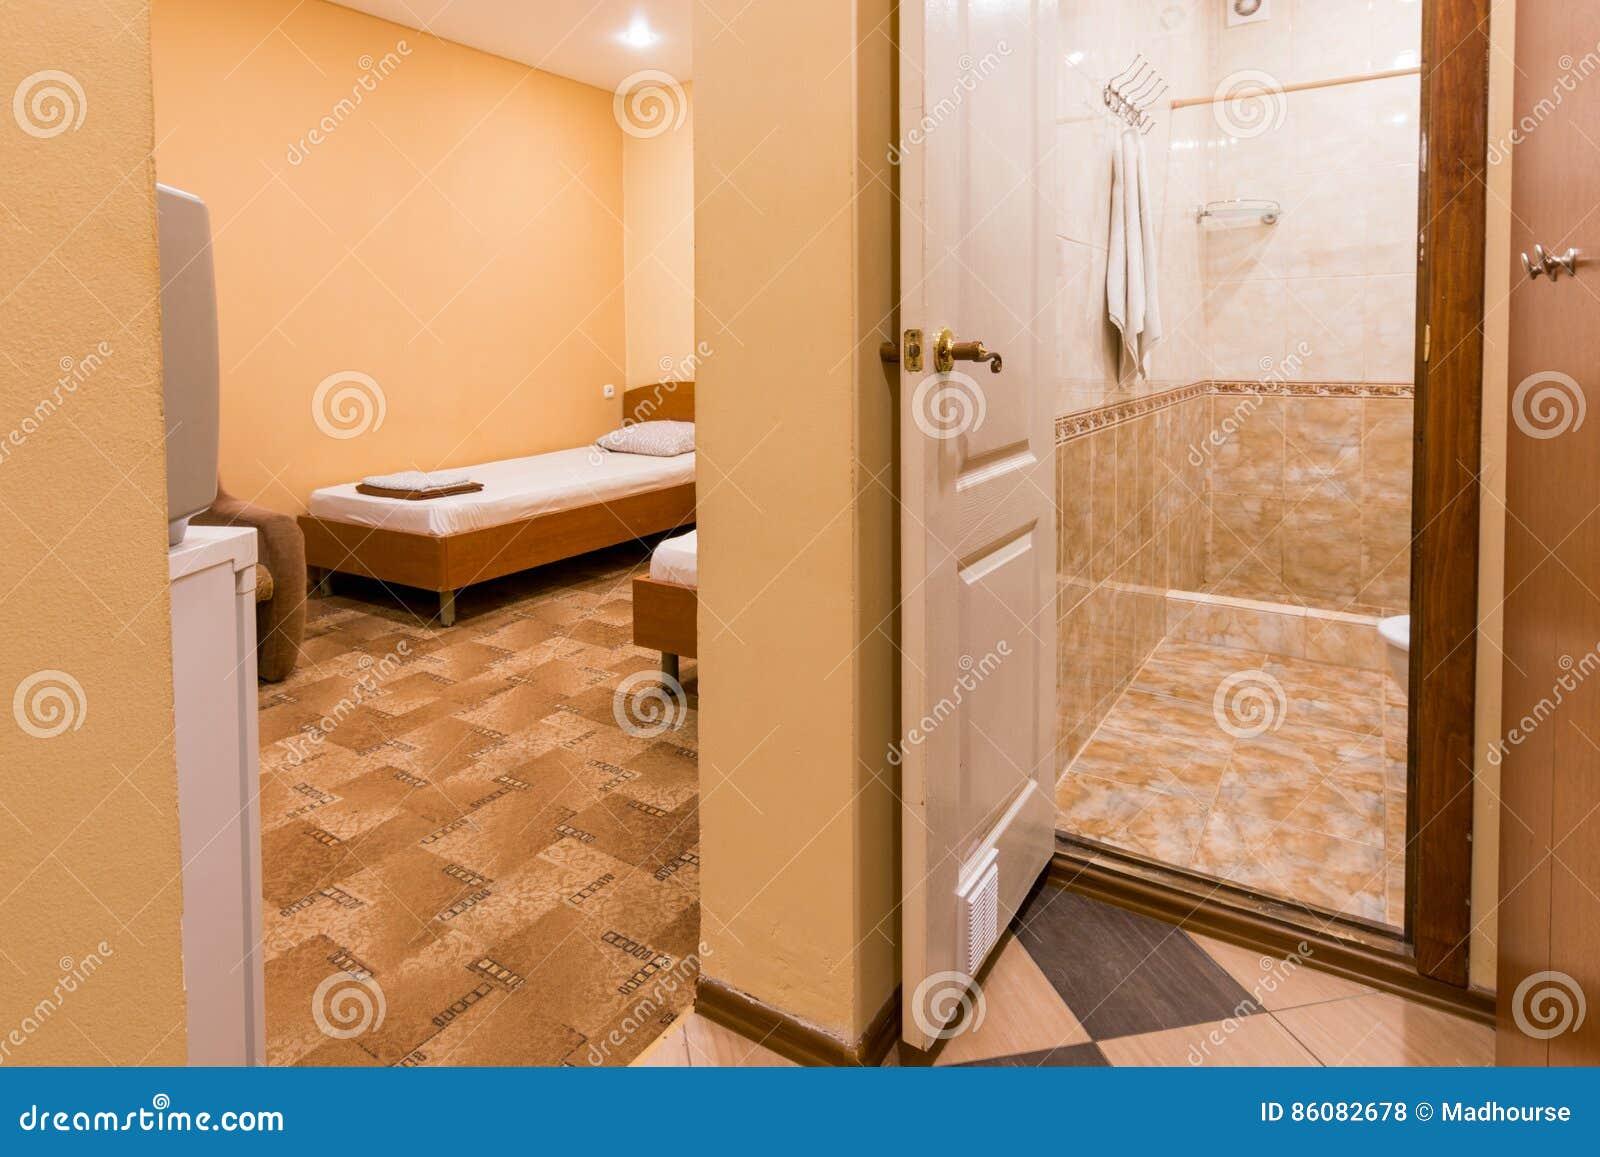 Der Innenraum Des Kleinen Raumes, Eingang Zum Raum Und ...